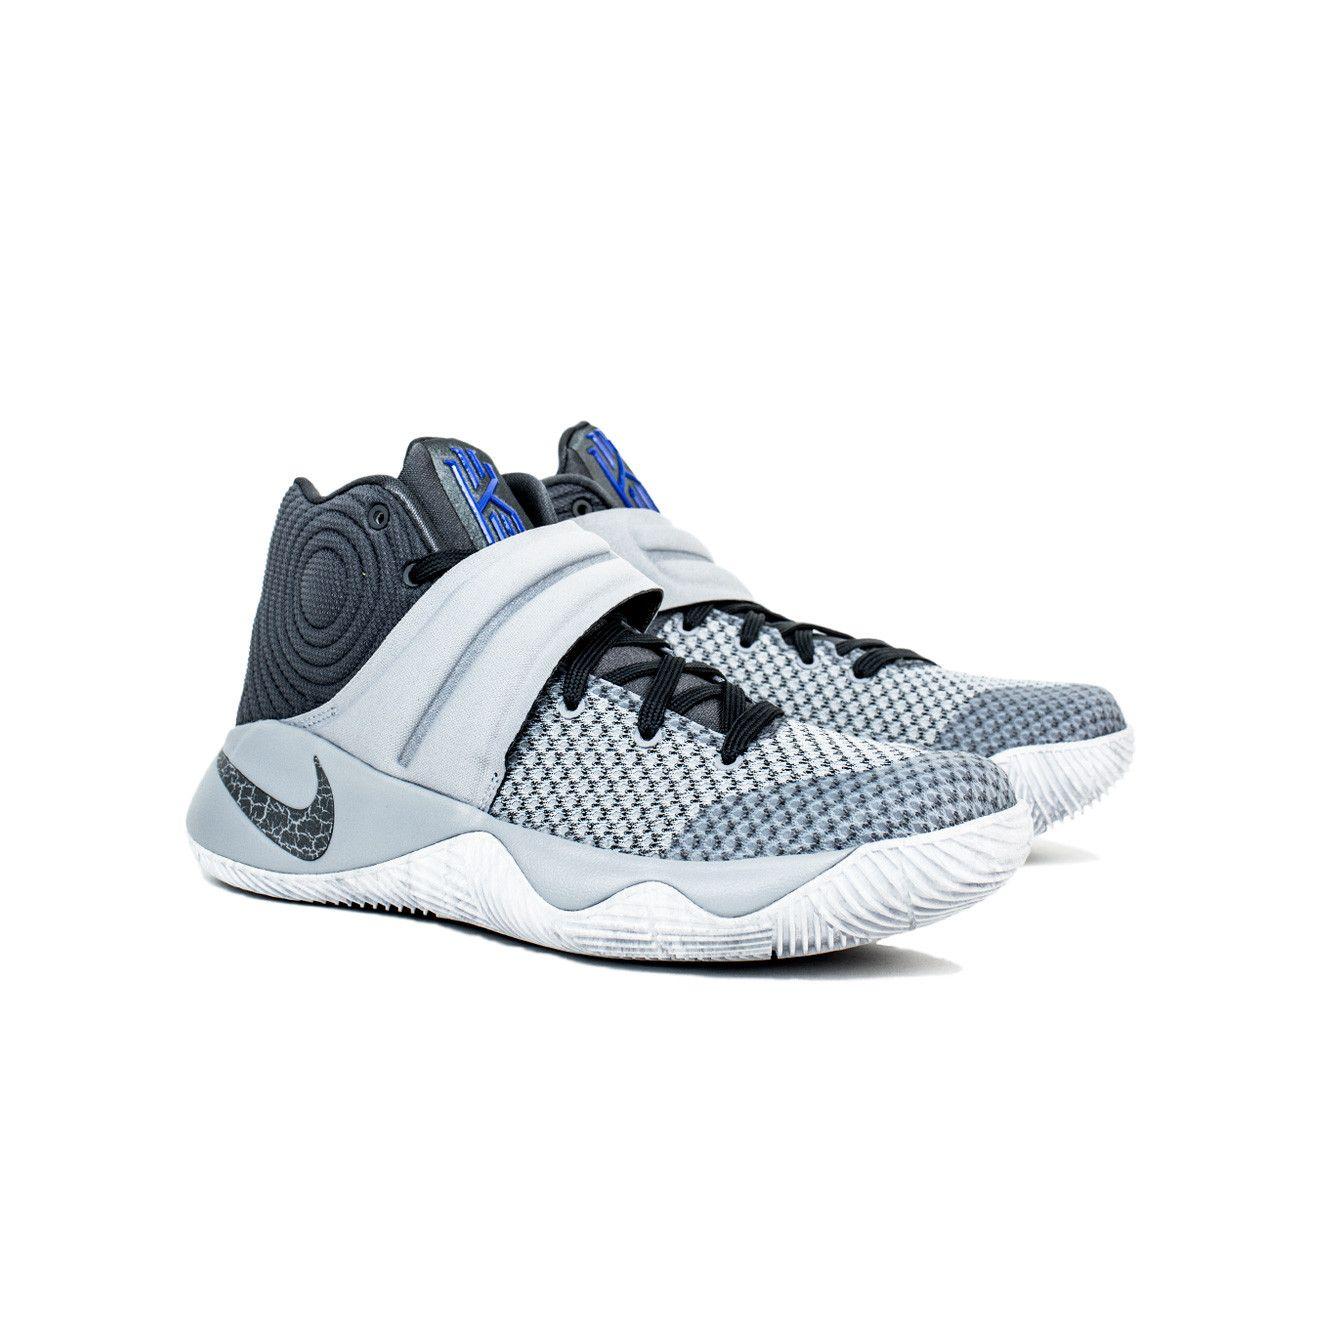 Nike, Kyrie 2, \